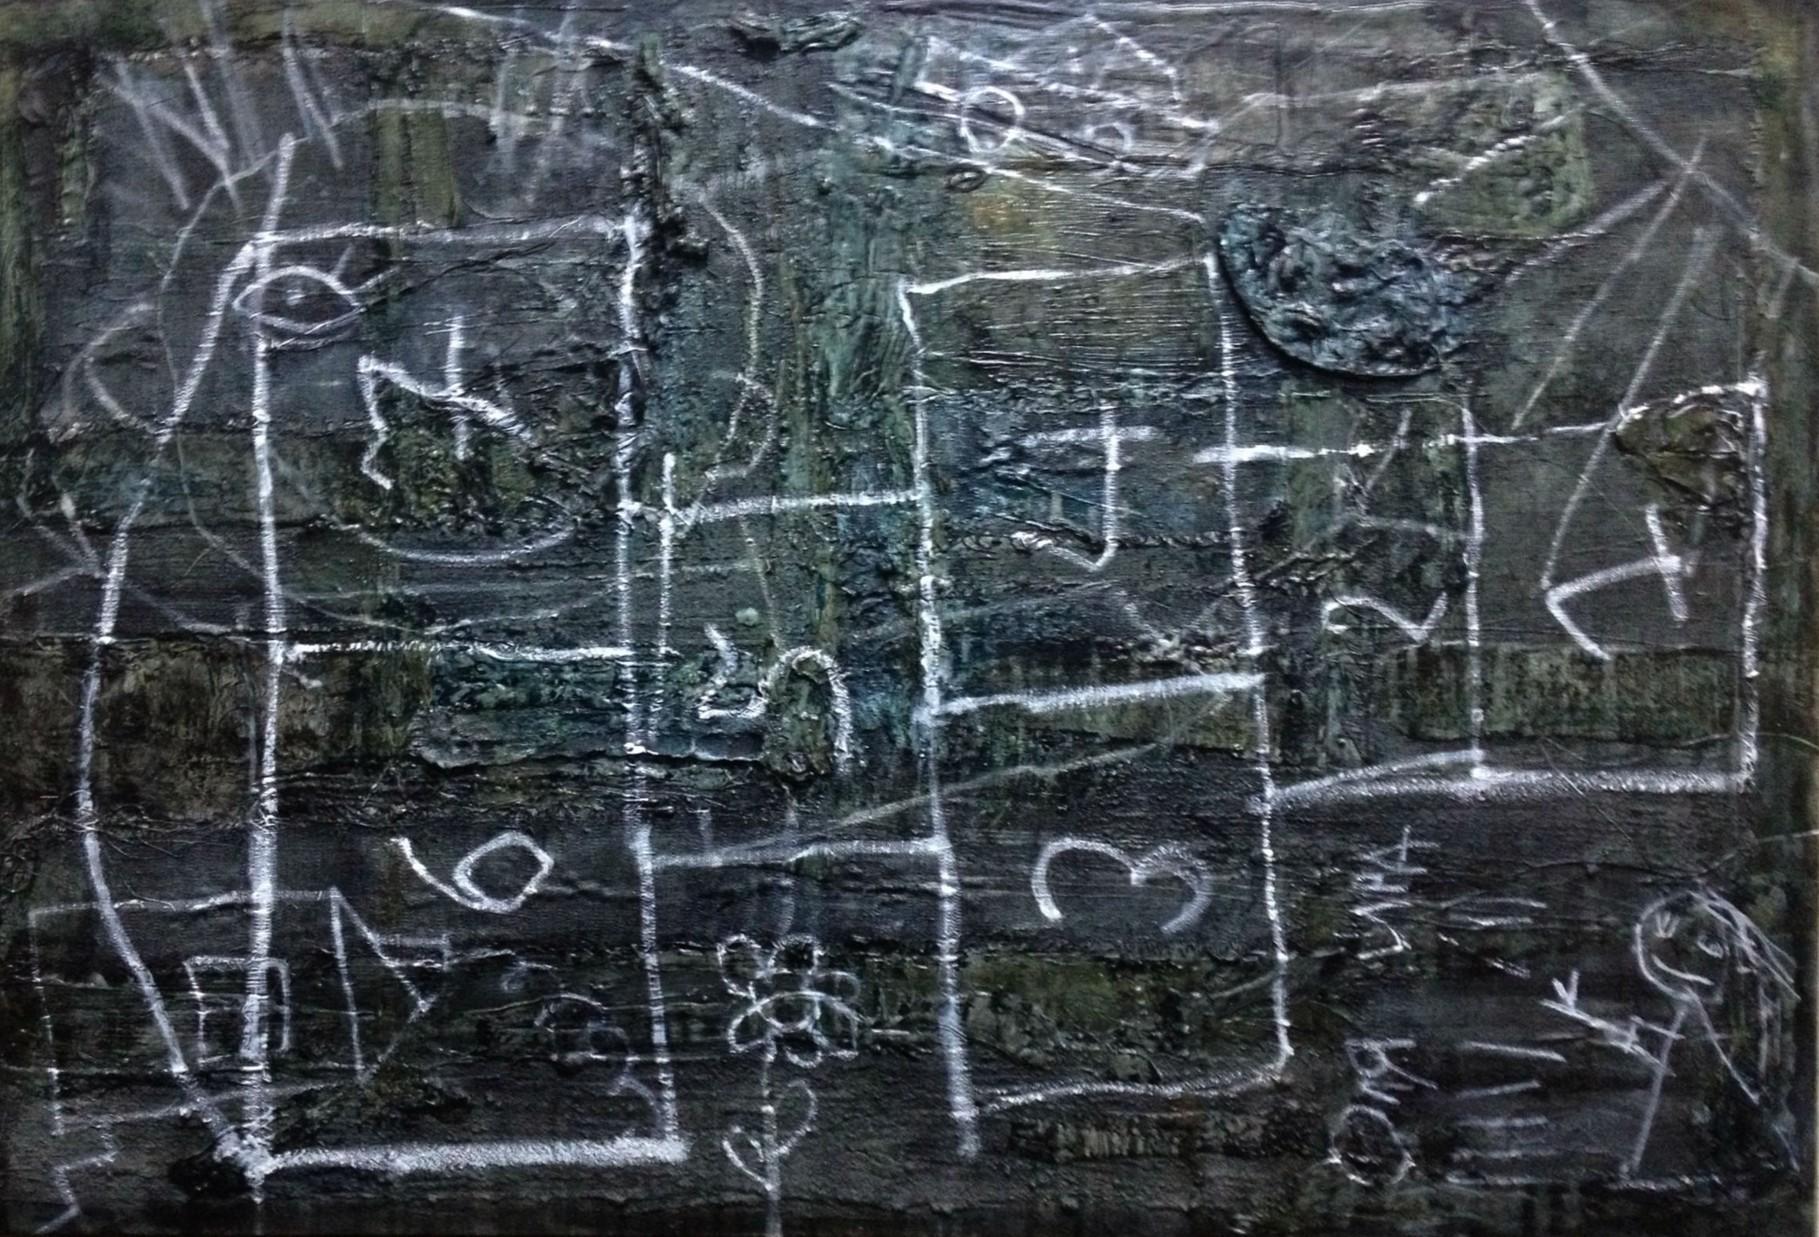 Катерина Поединщикова.     Классики.     2014 г.     Холст, масло.     100х80 см.